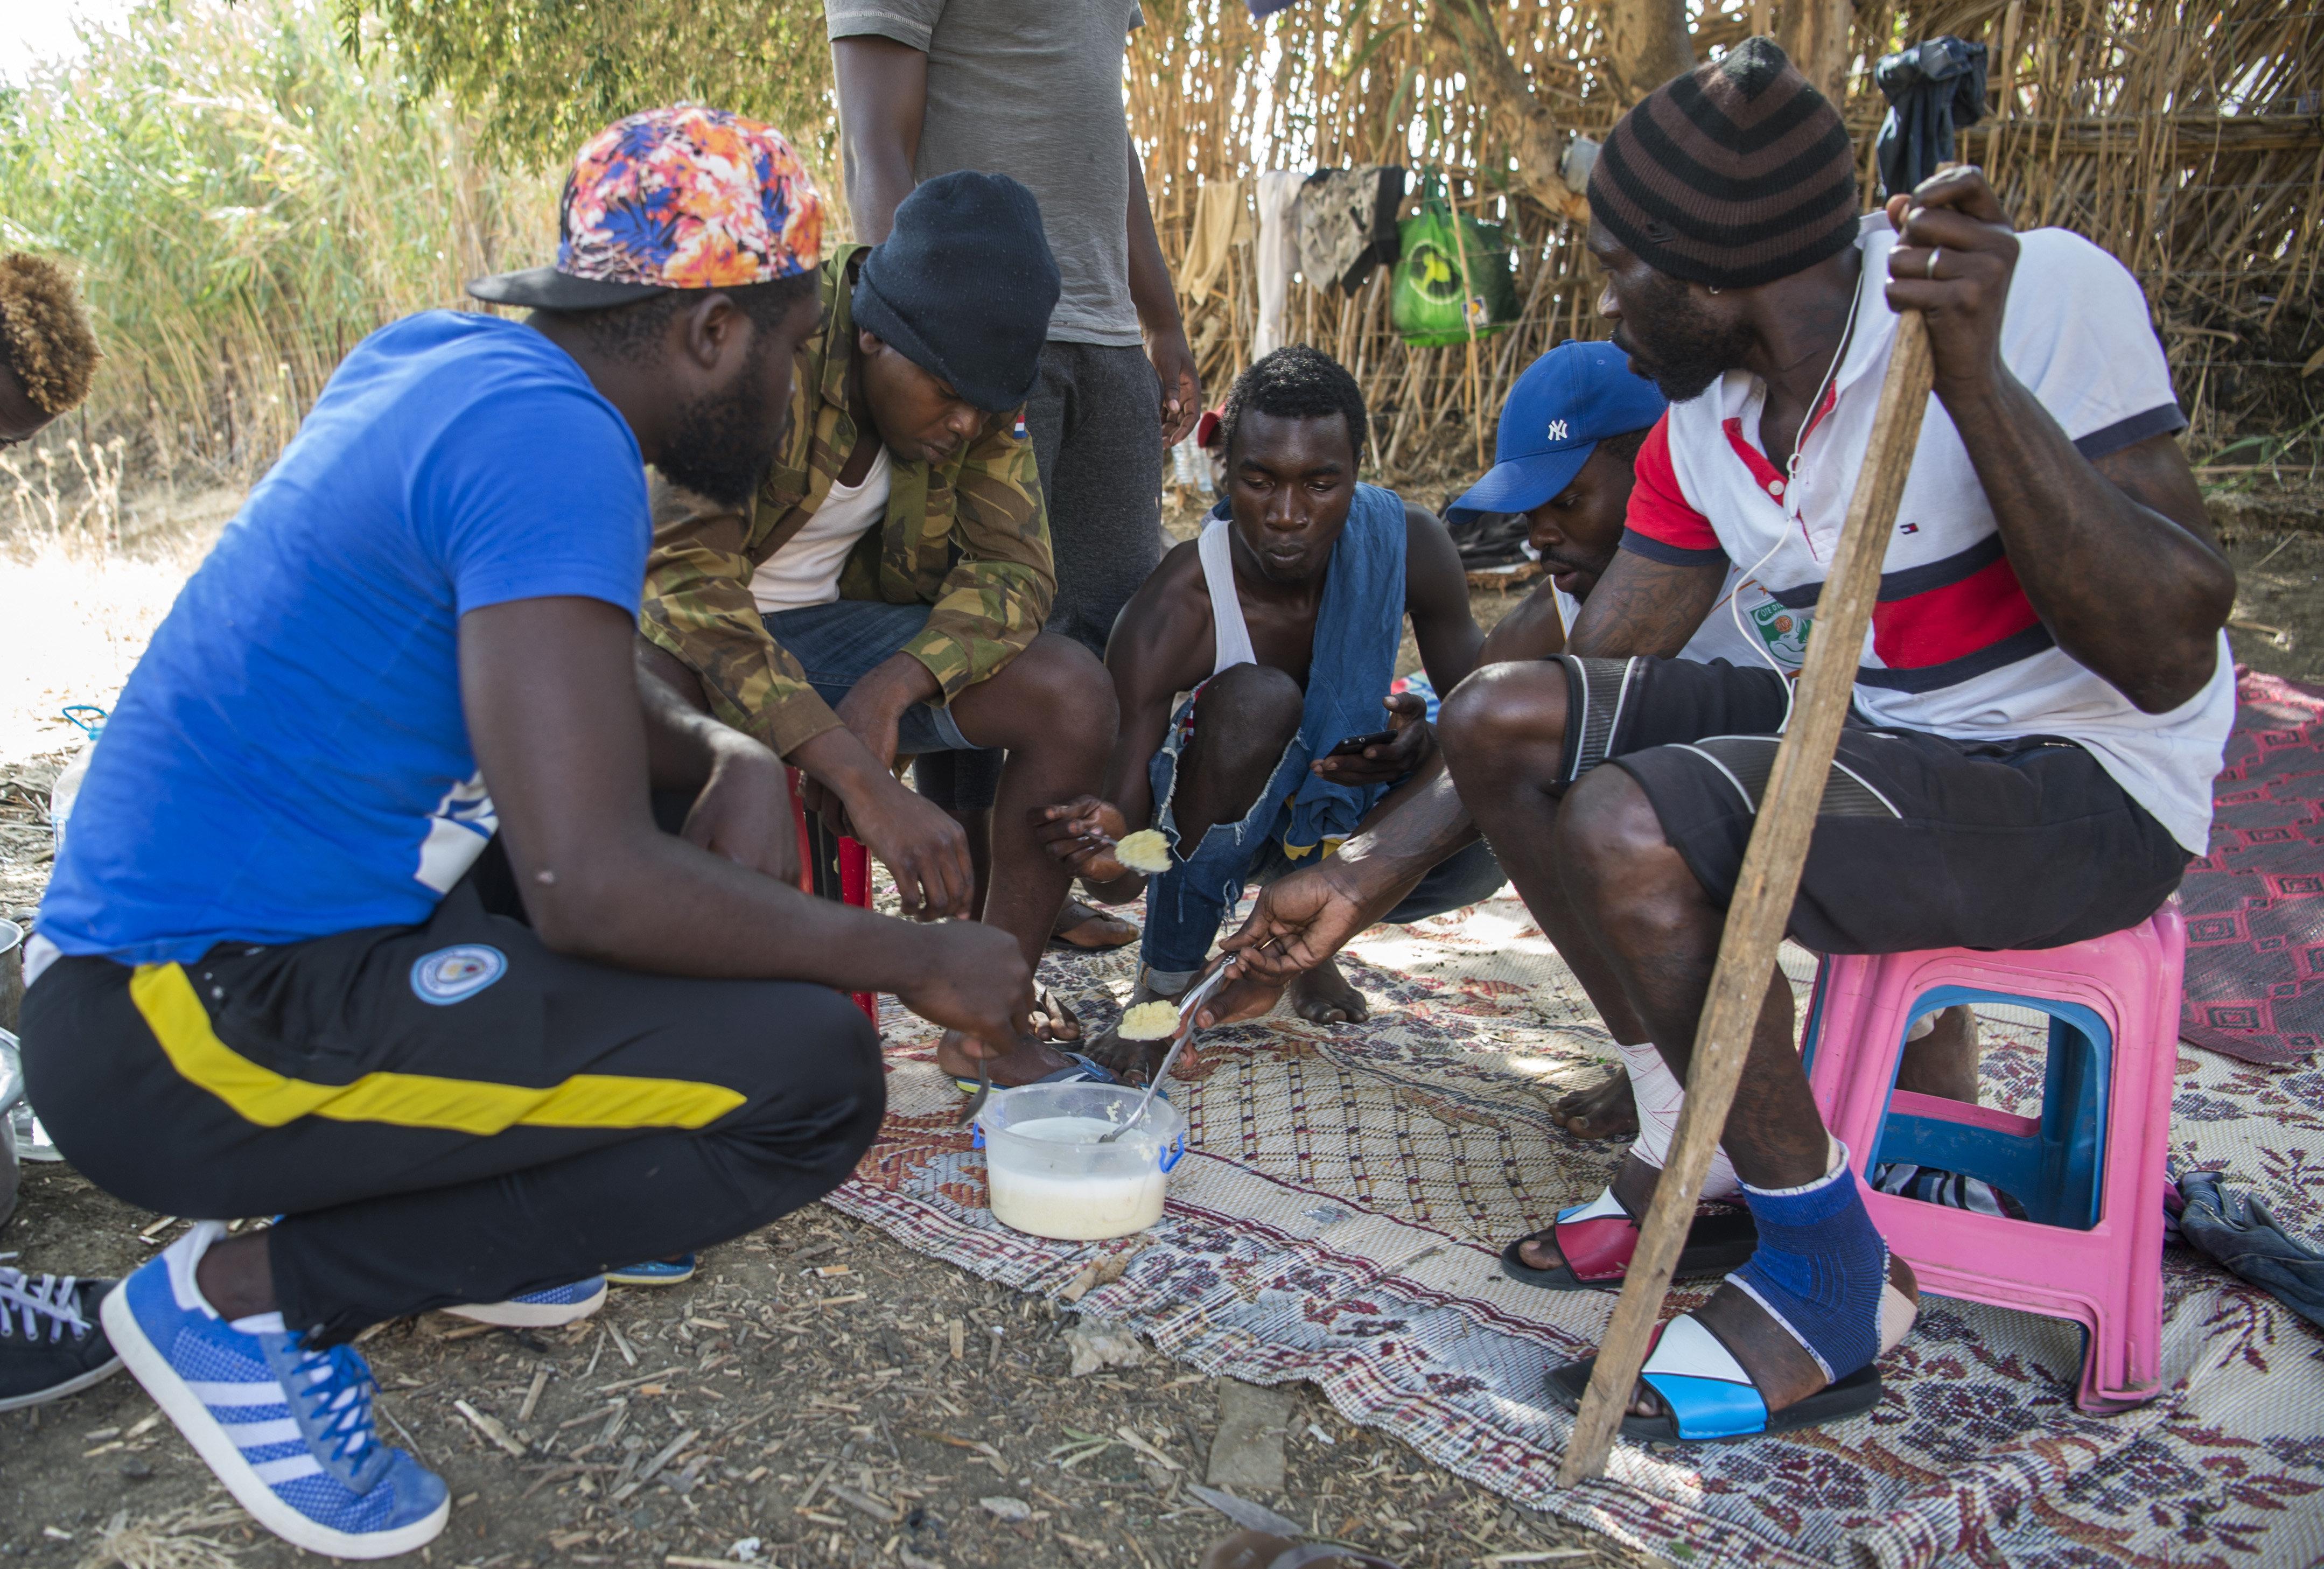 Maroc: une ONG dénonce les violences et déplacements forcés des migrants